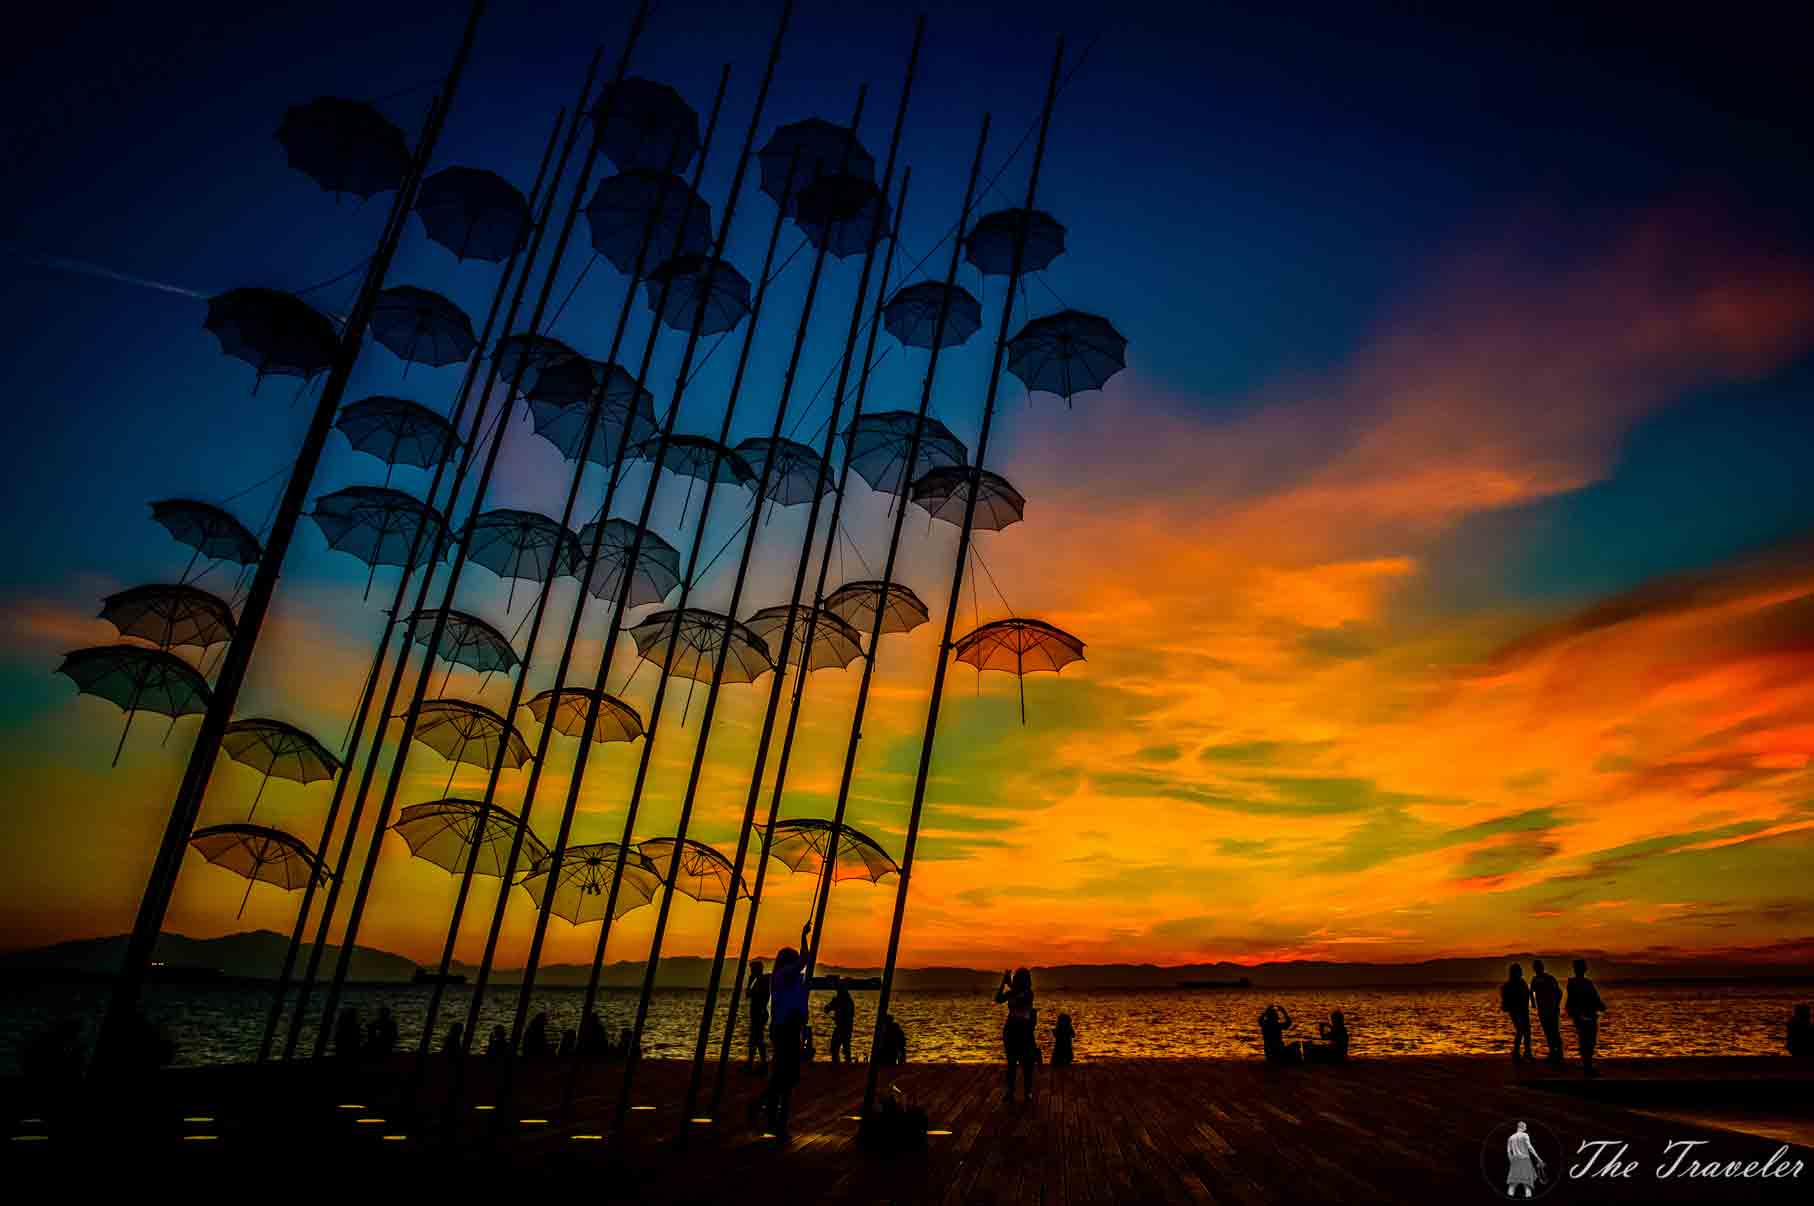 Sunset Thessaloniki / Залез Солун